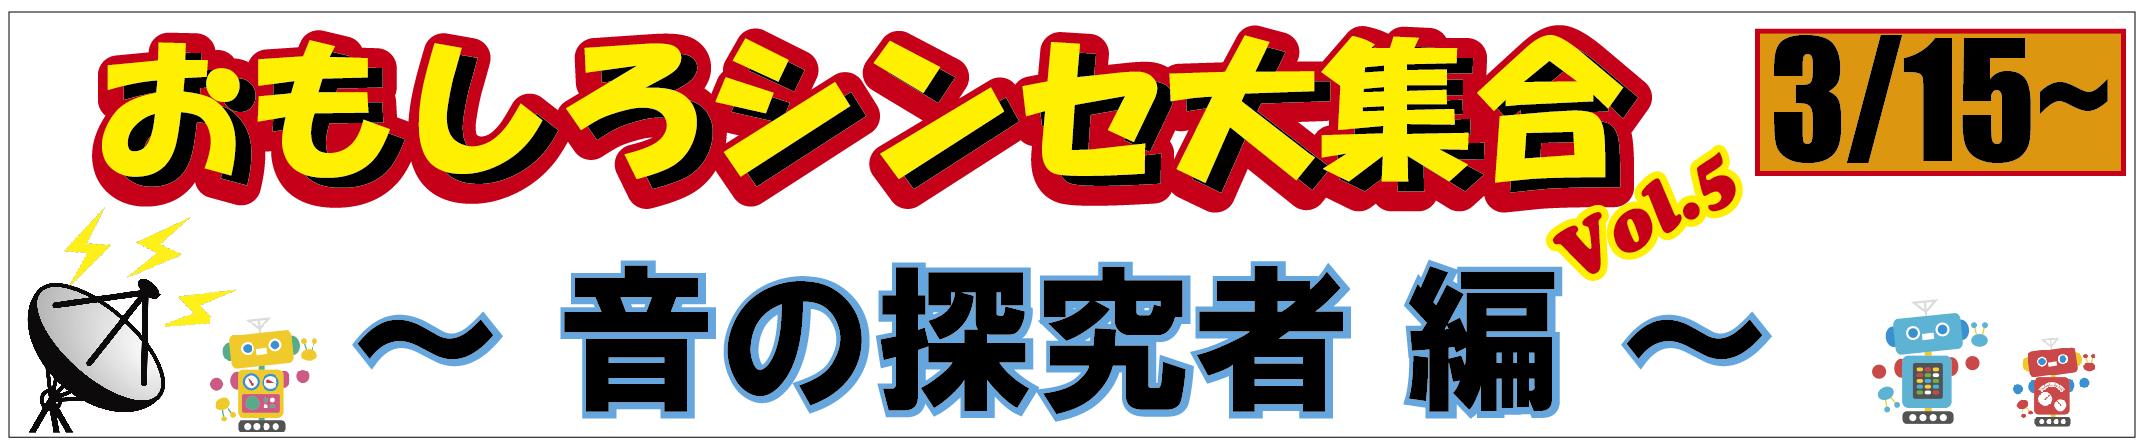 おもしろシンセ大集合 Vol.5 ~ 音の探究者 編 ~